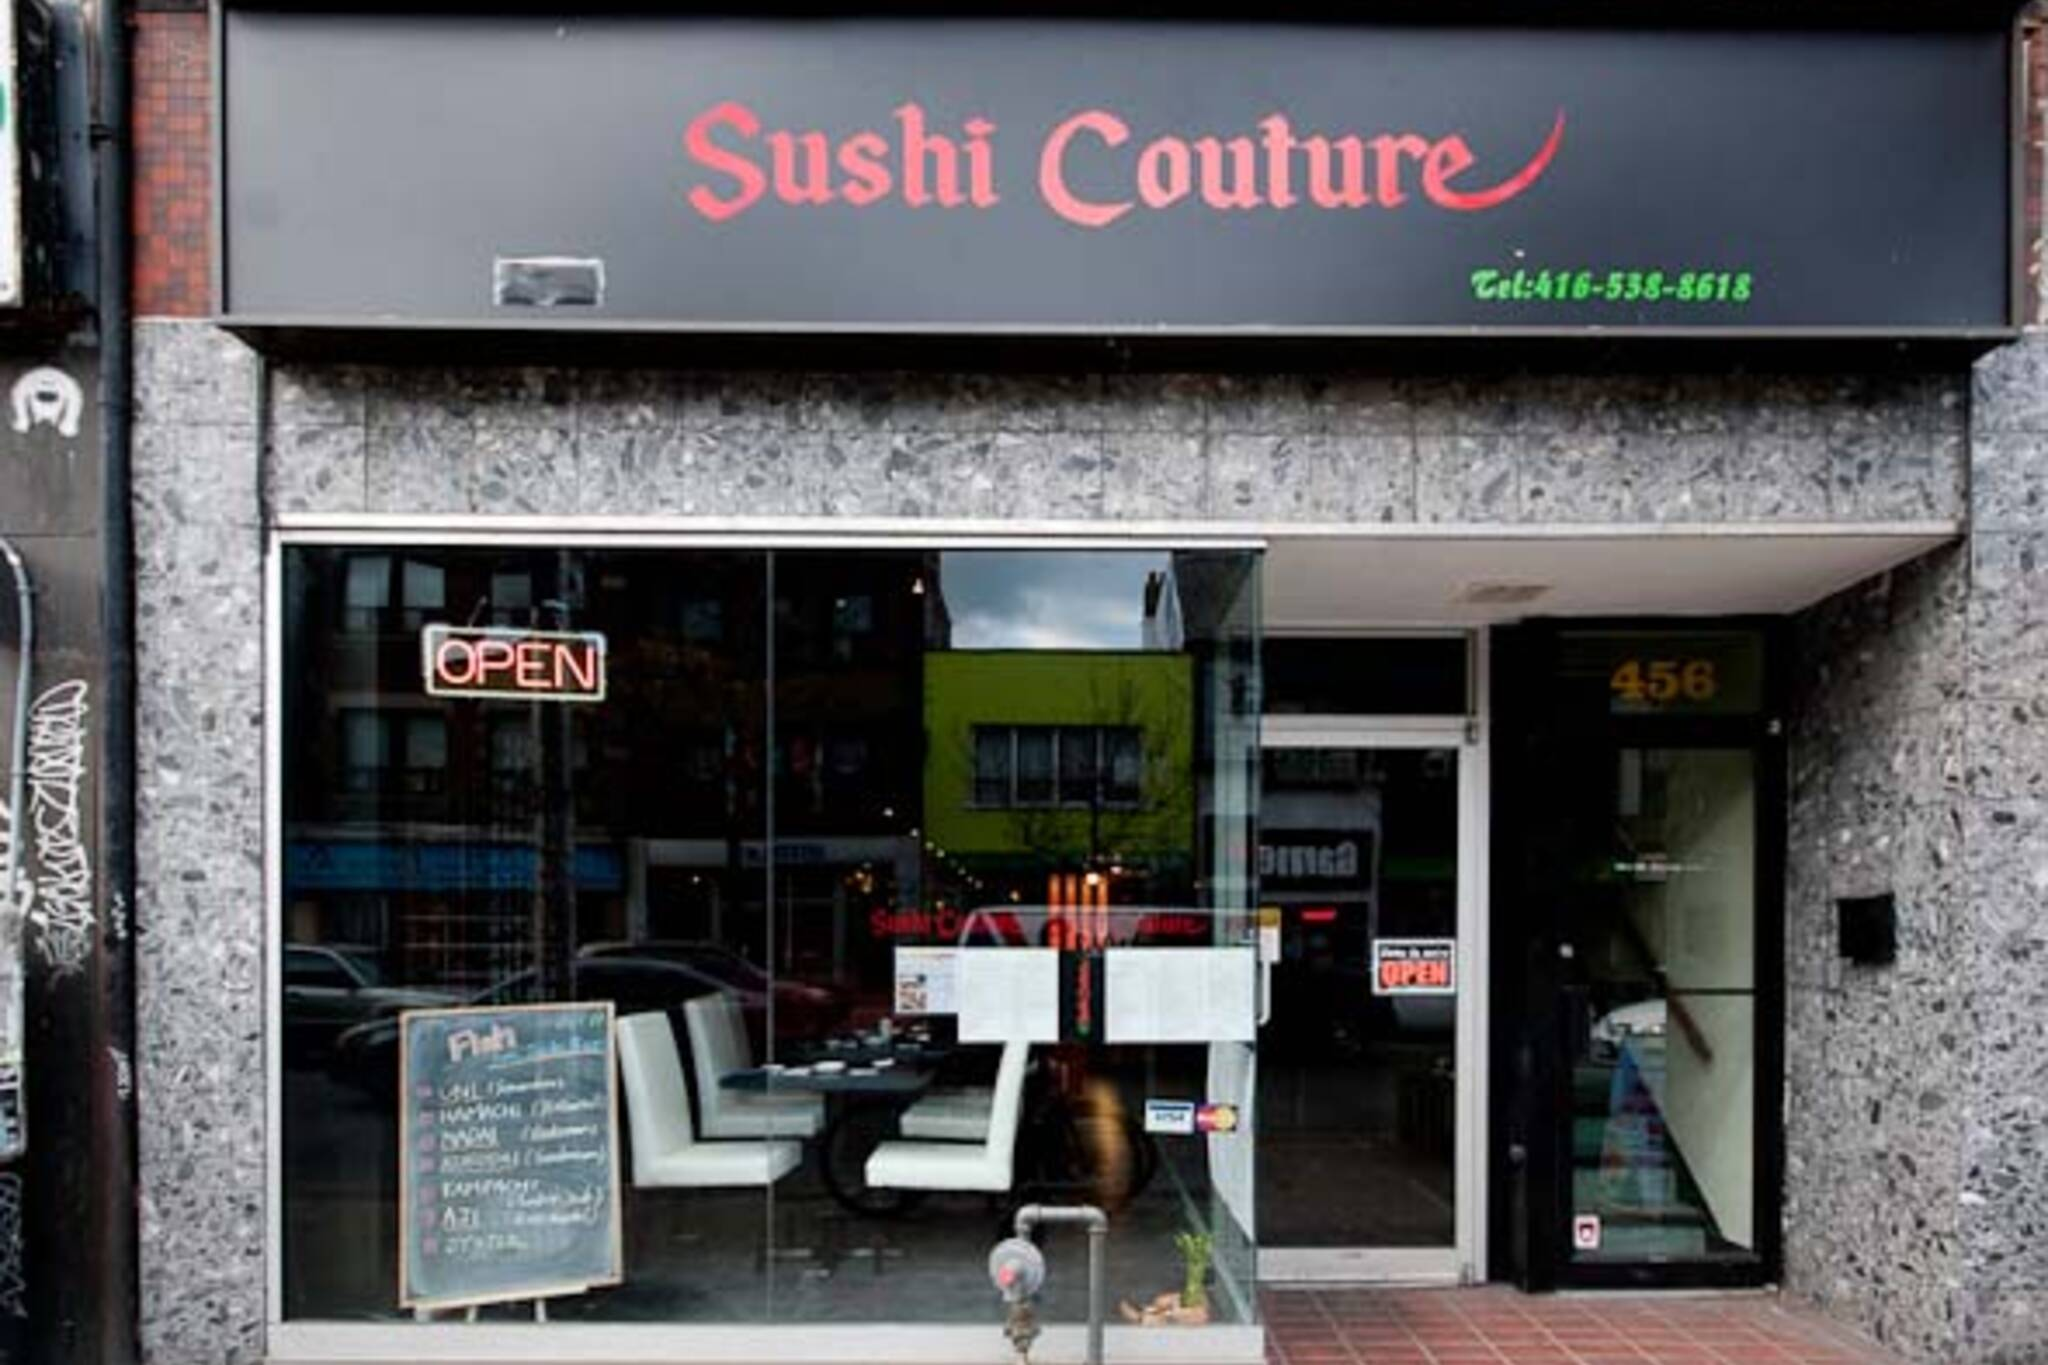 Sushi Couture Toronto